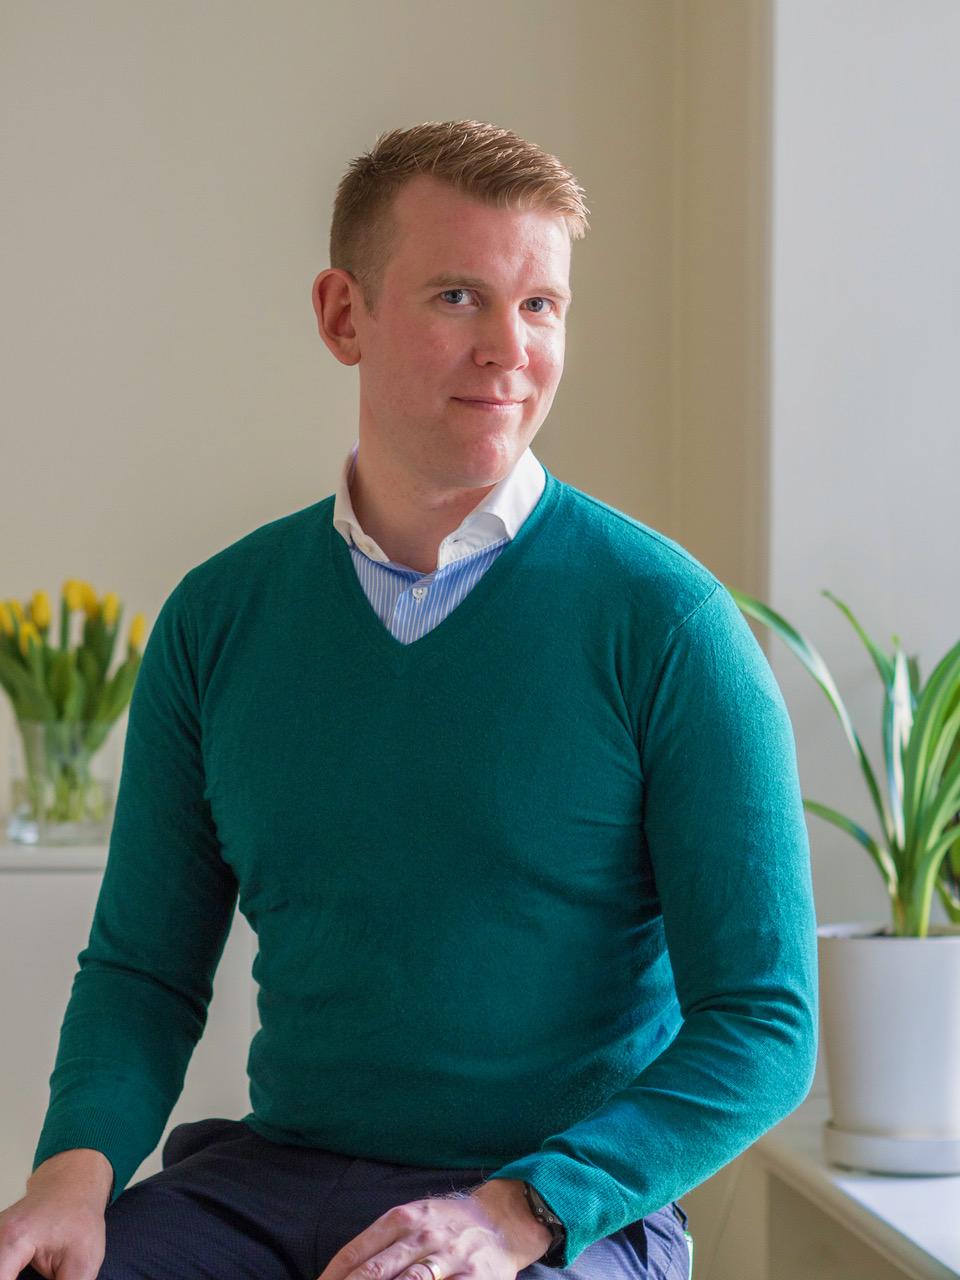 Johan Edfeldt - Vad glad jag blir om du skulle läsa min debutroman Den försvunna färgen :) Tack!